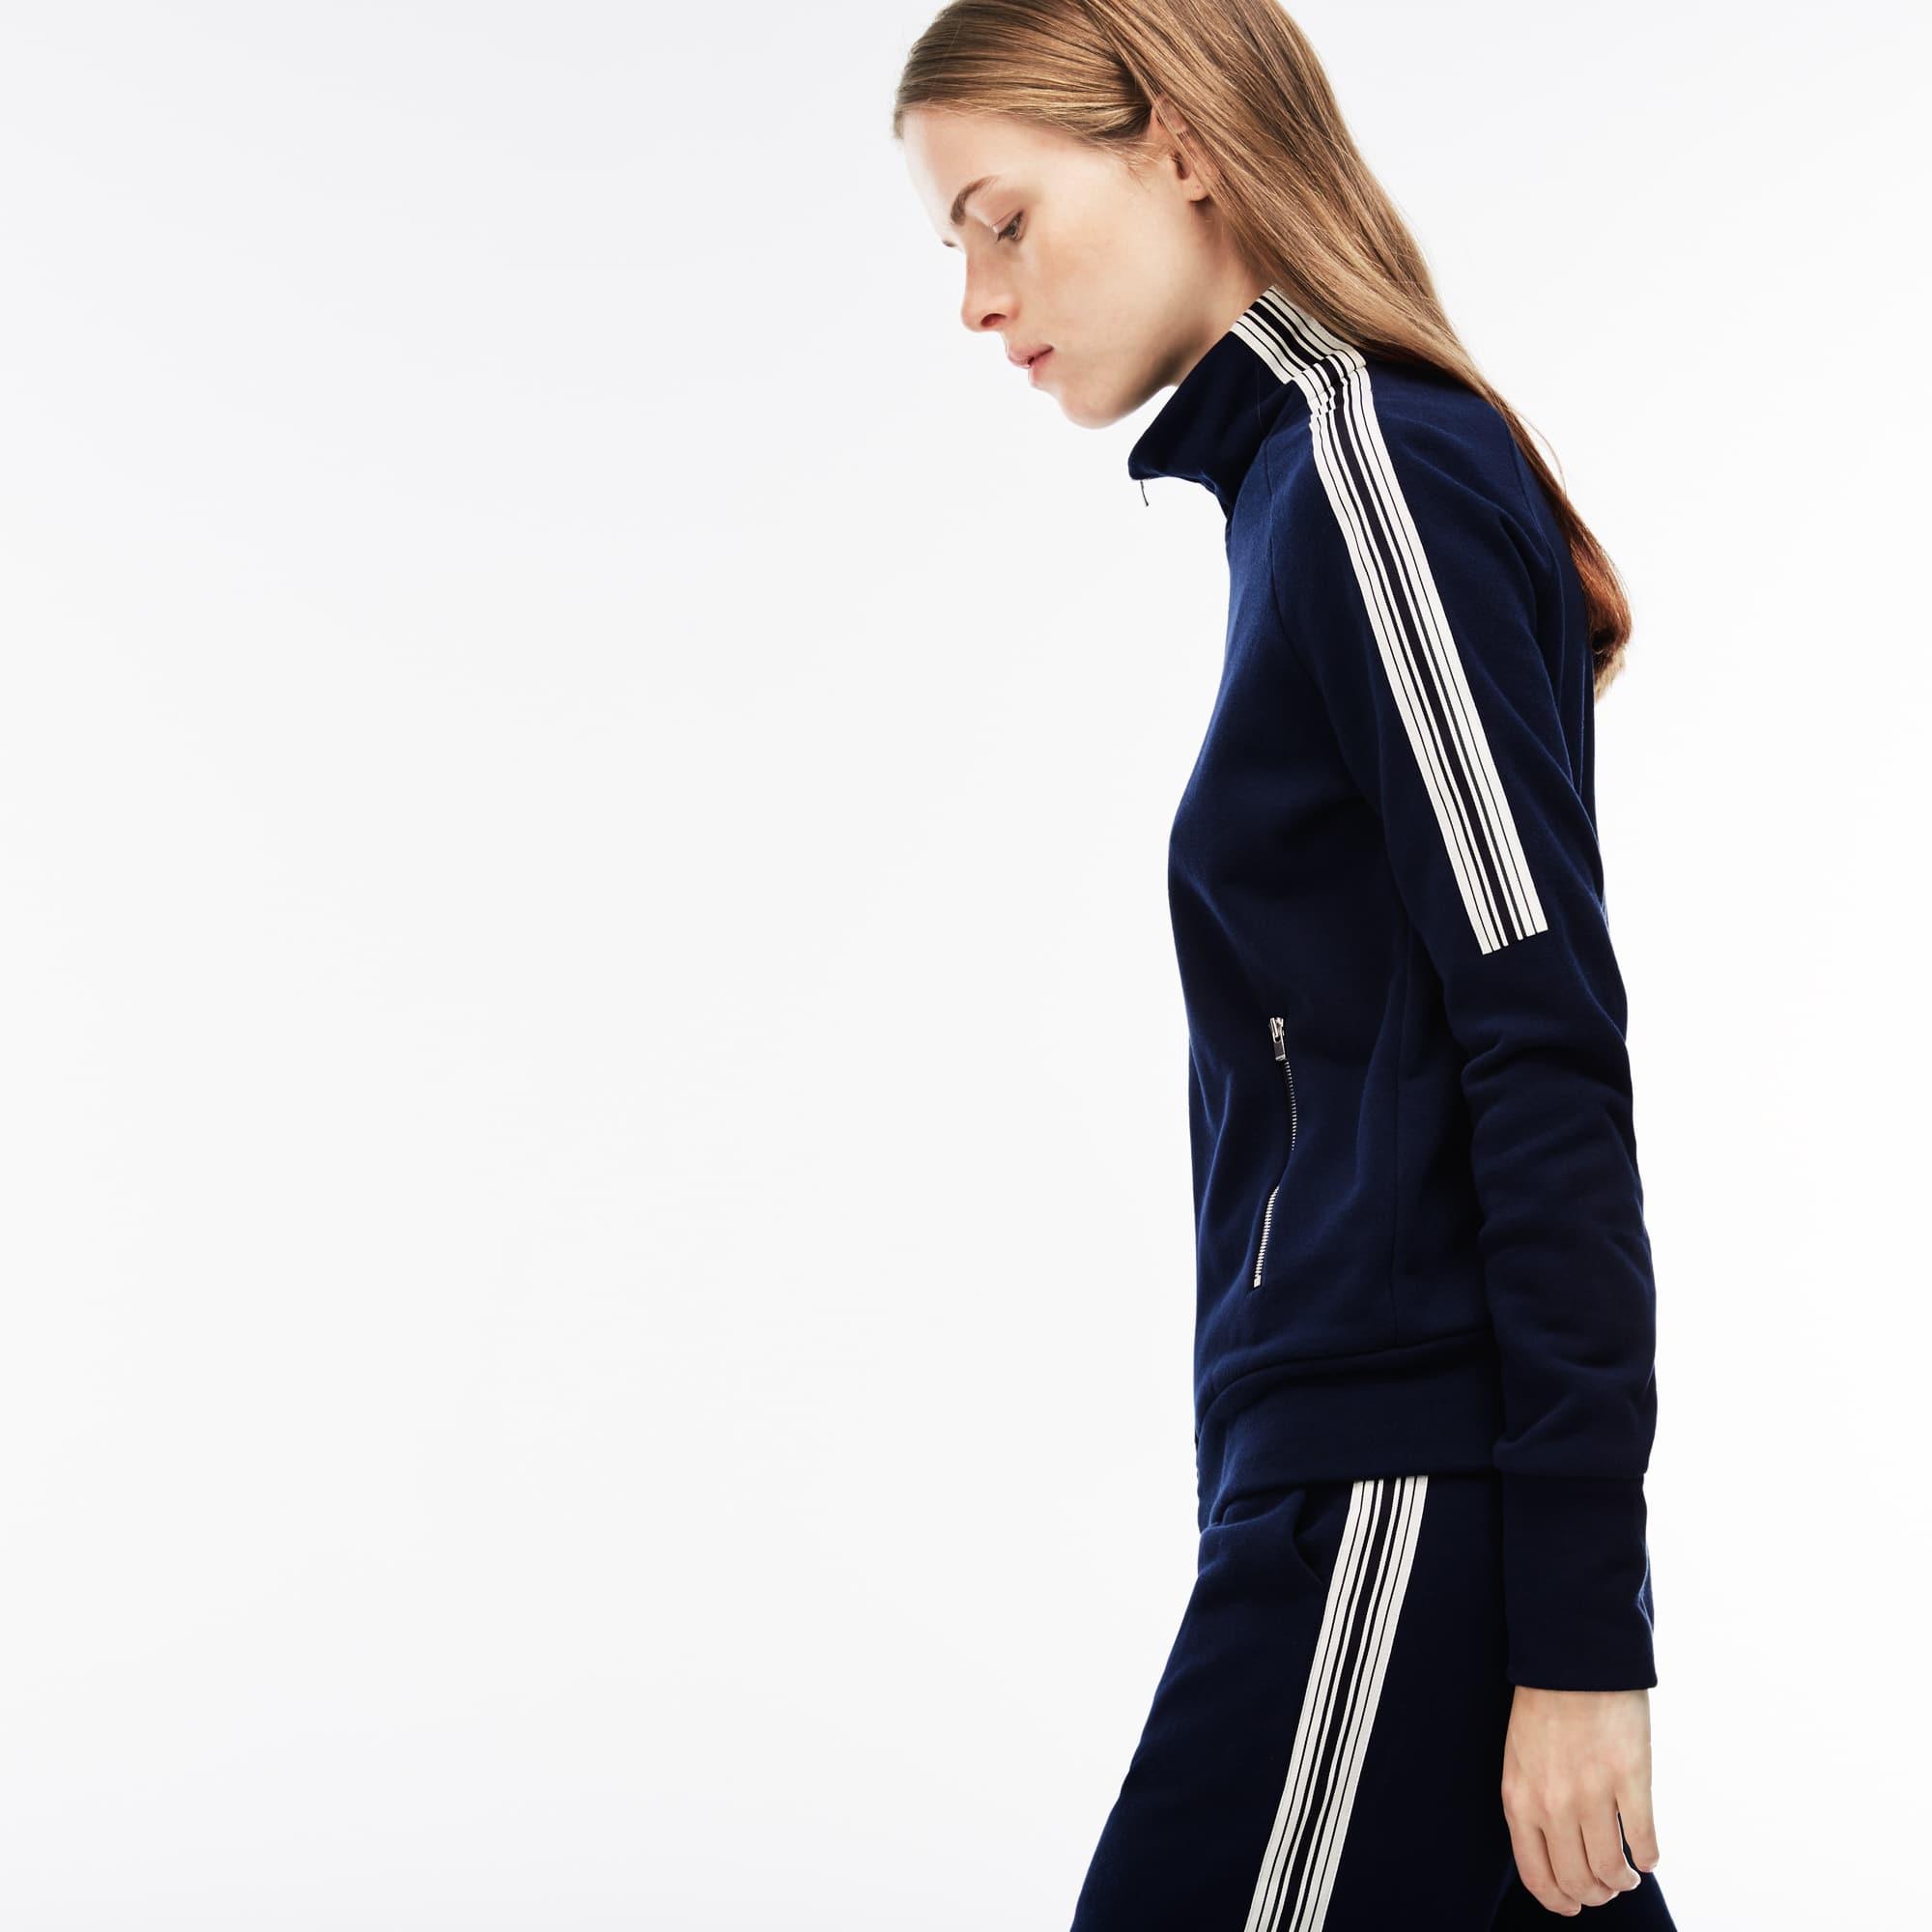 Joggingbroek Dames Met Rits.Tops Dresses Coats Women S Gifts Lacoste